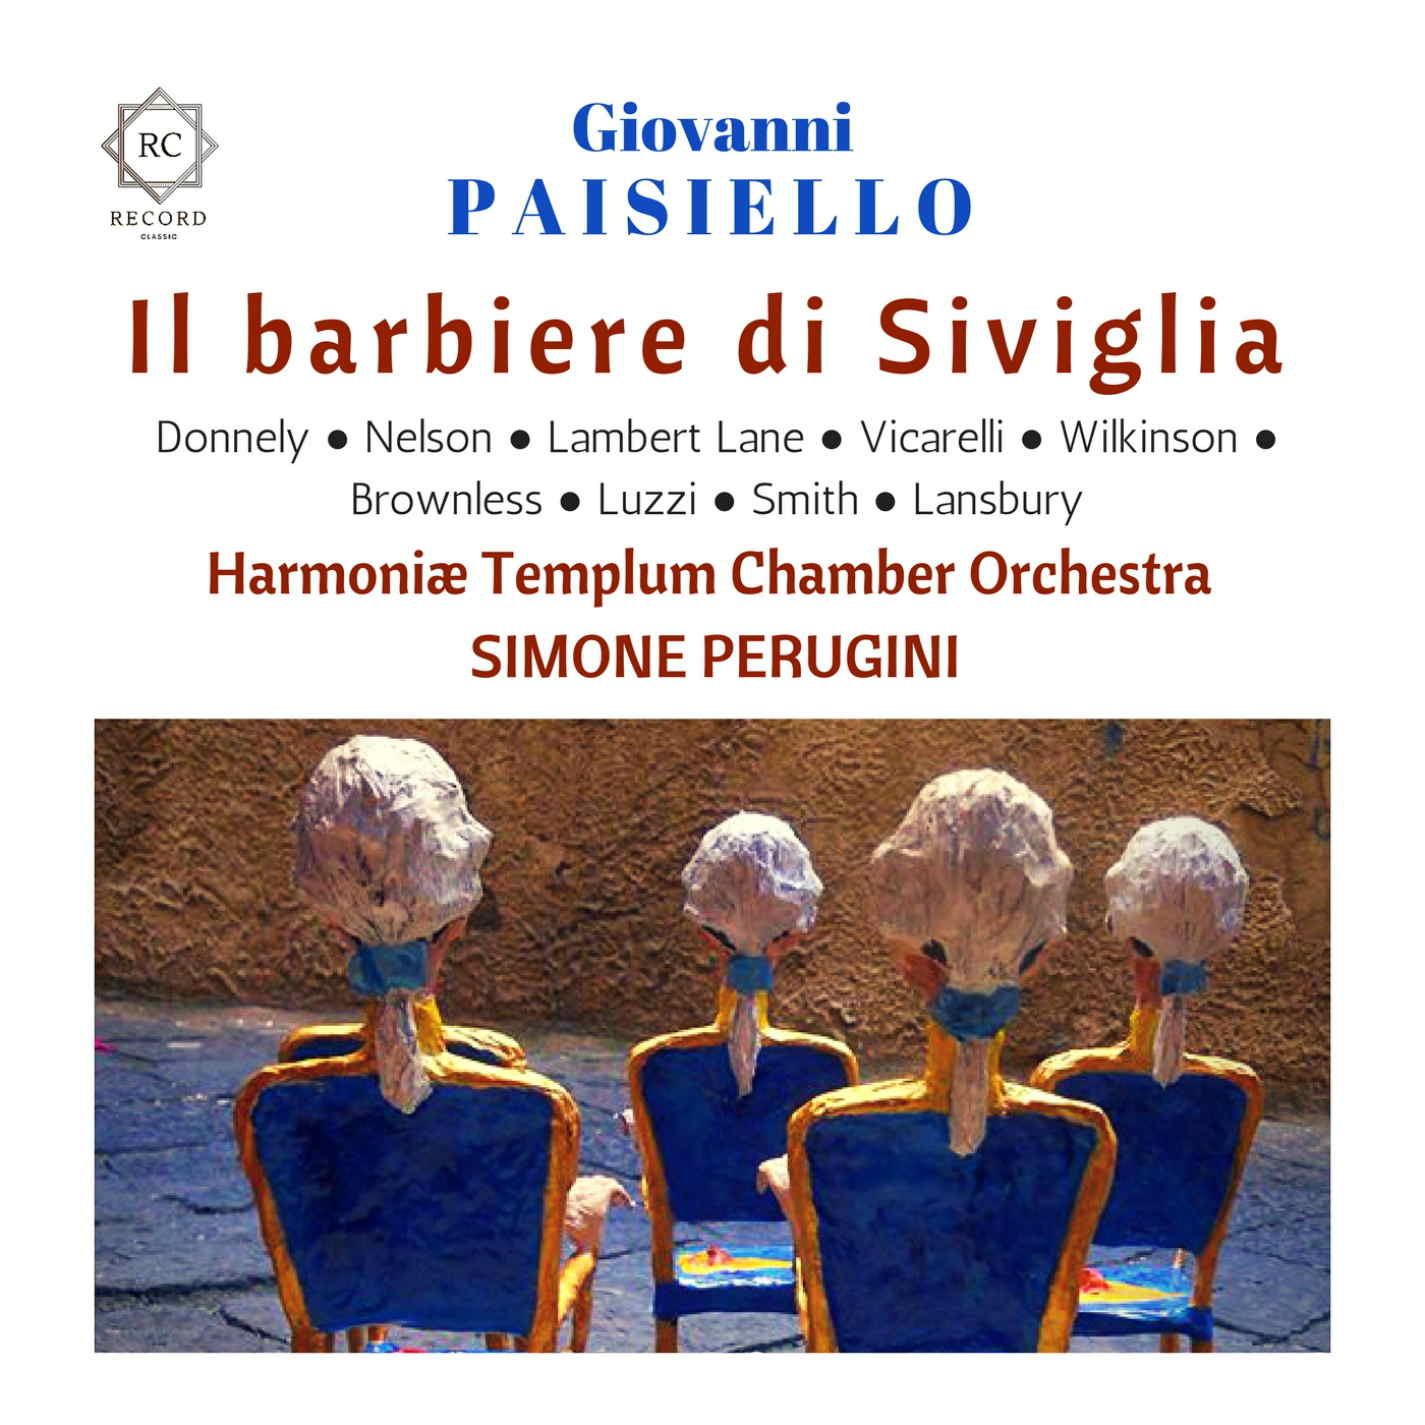 «Il barbiere di Siviglia» di Paisiello: divertimento puro nella nuova release discografica.